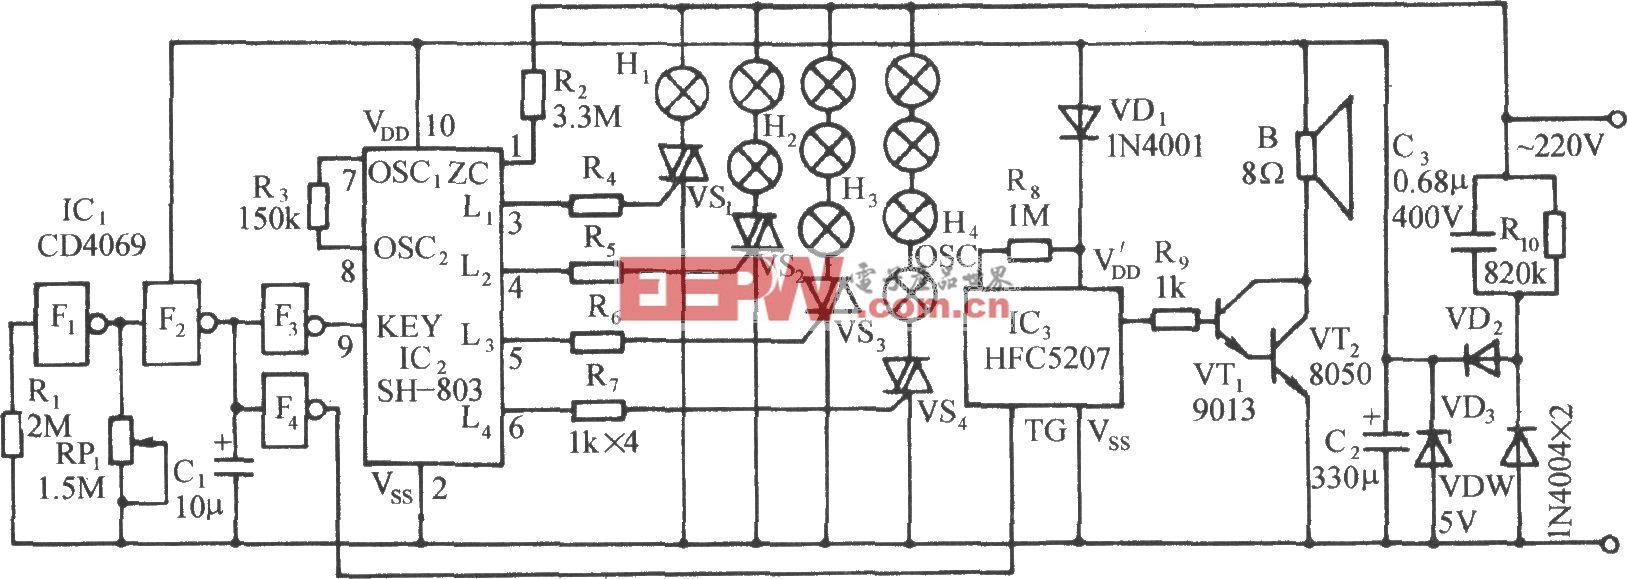 SH-803節日彩燈伴迪斯科樂曲控制電路